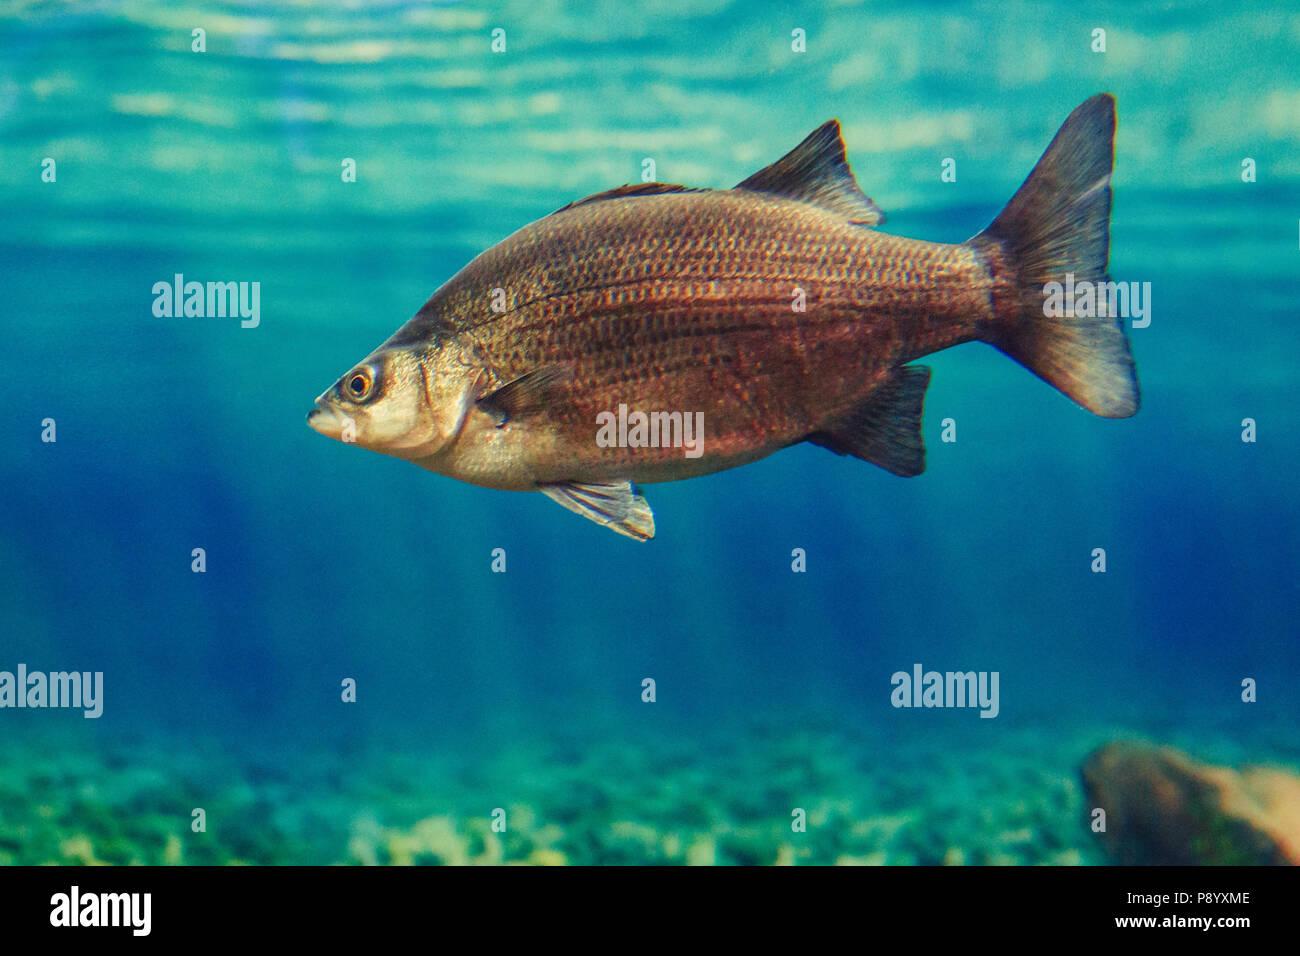 Uno rojo amarillo azul los peces grandes en el agua, el colorido mundo submarino, copyspace para texto, fondo de pantalla Imagen De Stock